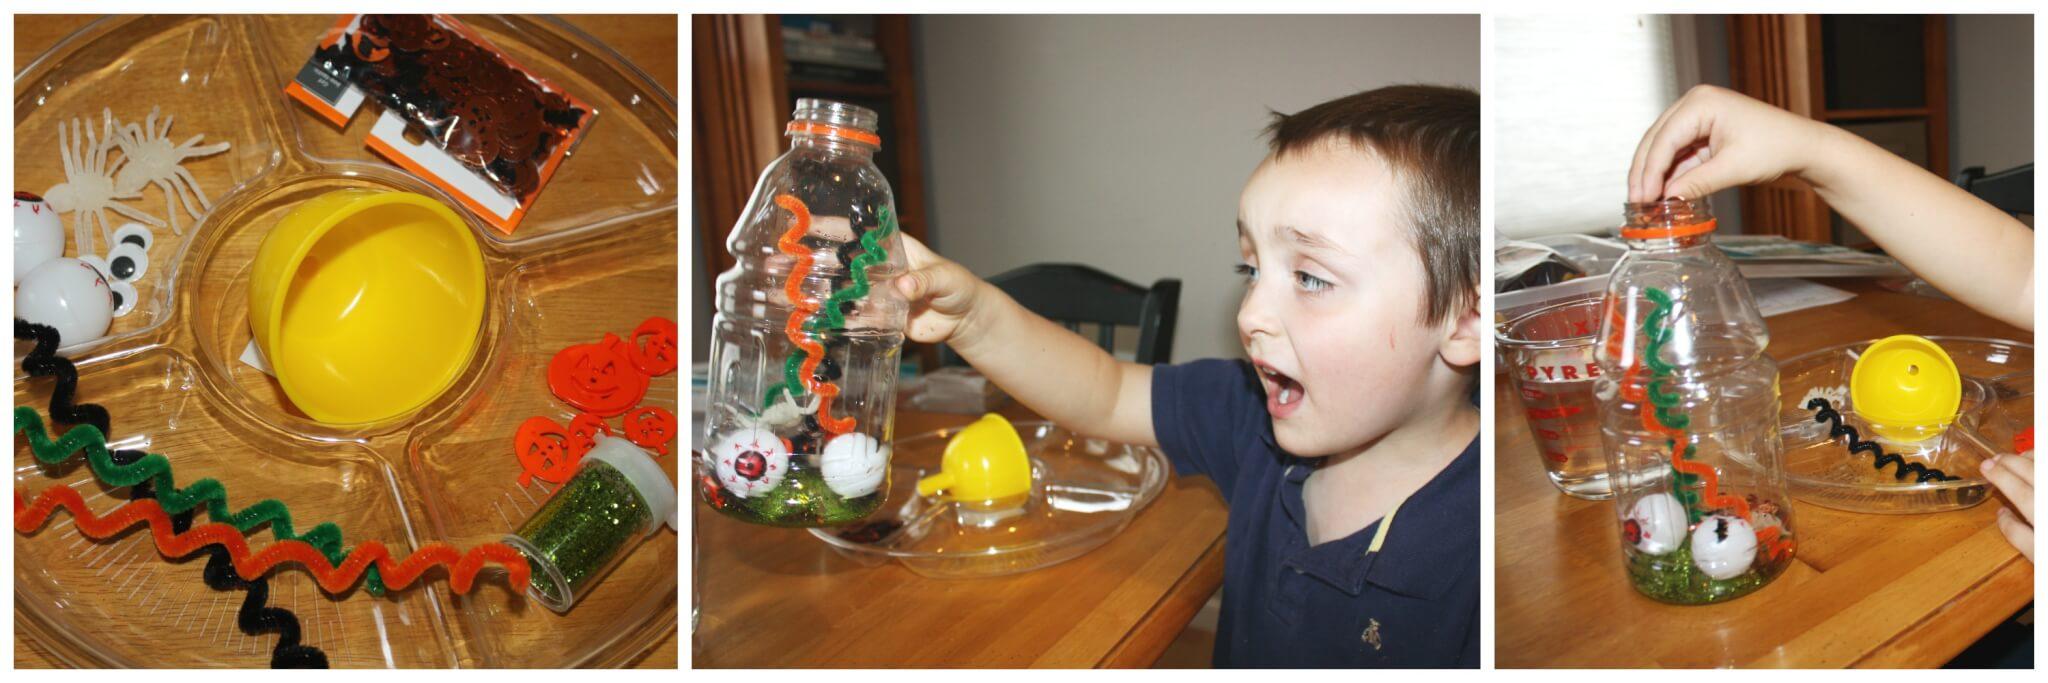 Halloween sensory bottles for Halloween sensory play for kids.